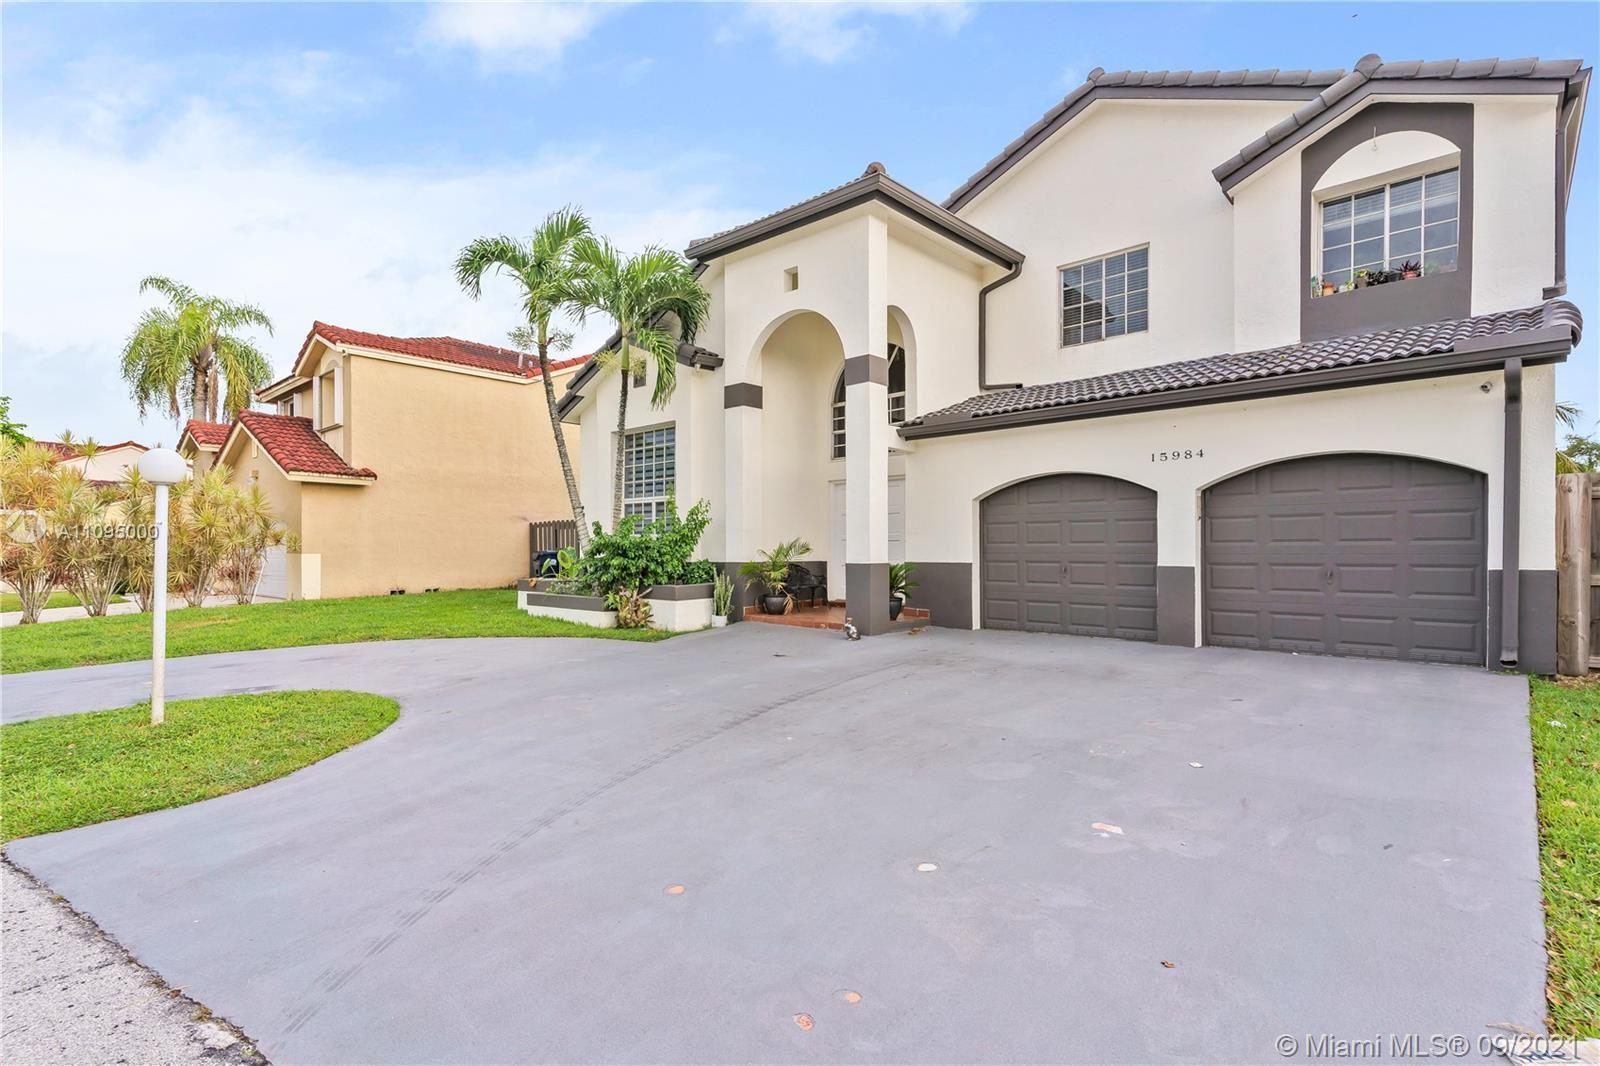 15984 SW 110th St, Miami, FL 33196 - #: A11095000